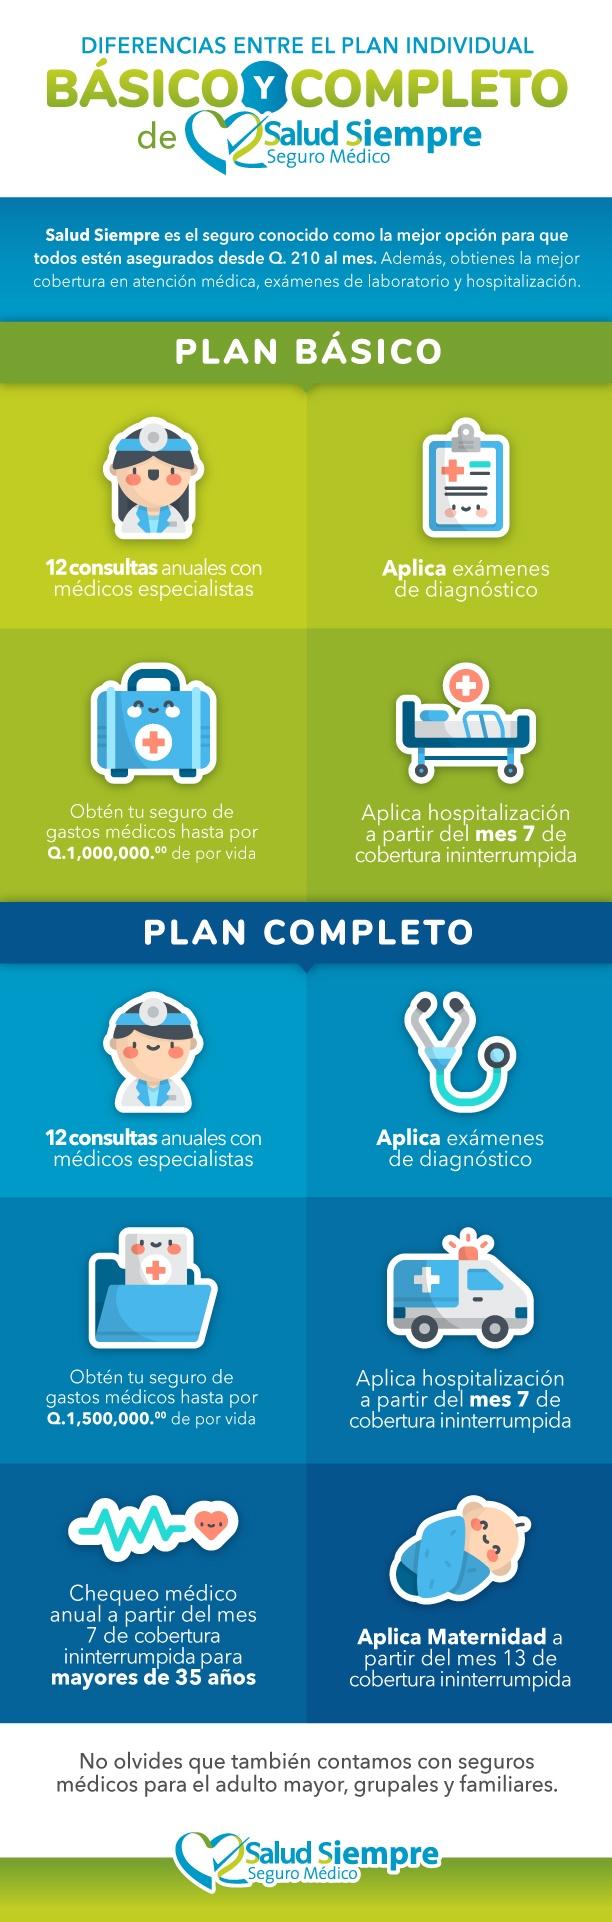 Salud-Siempre-infografía